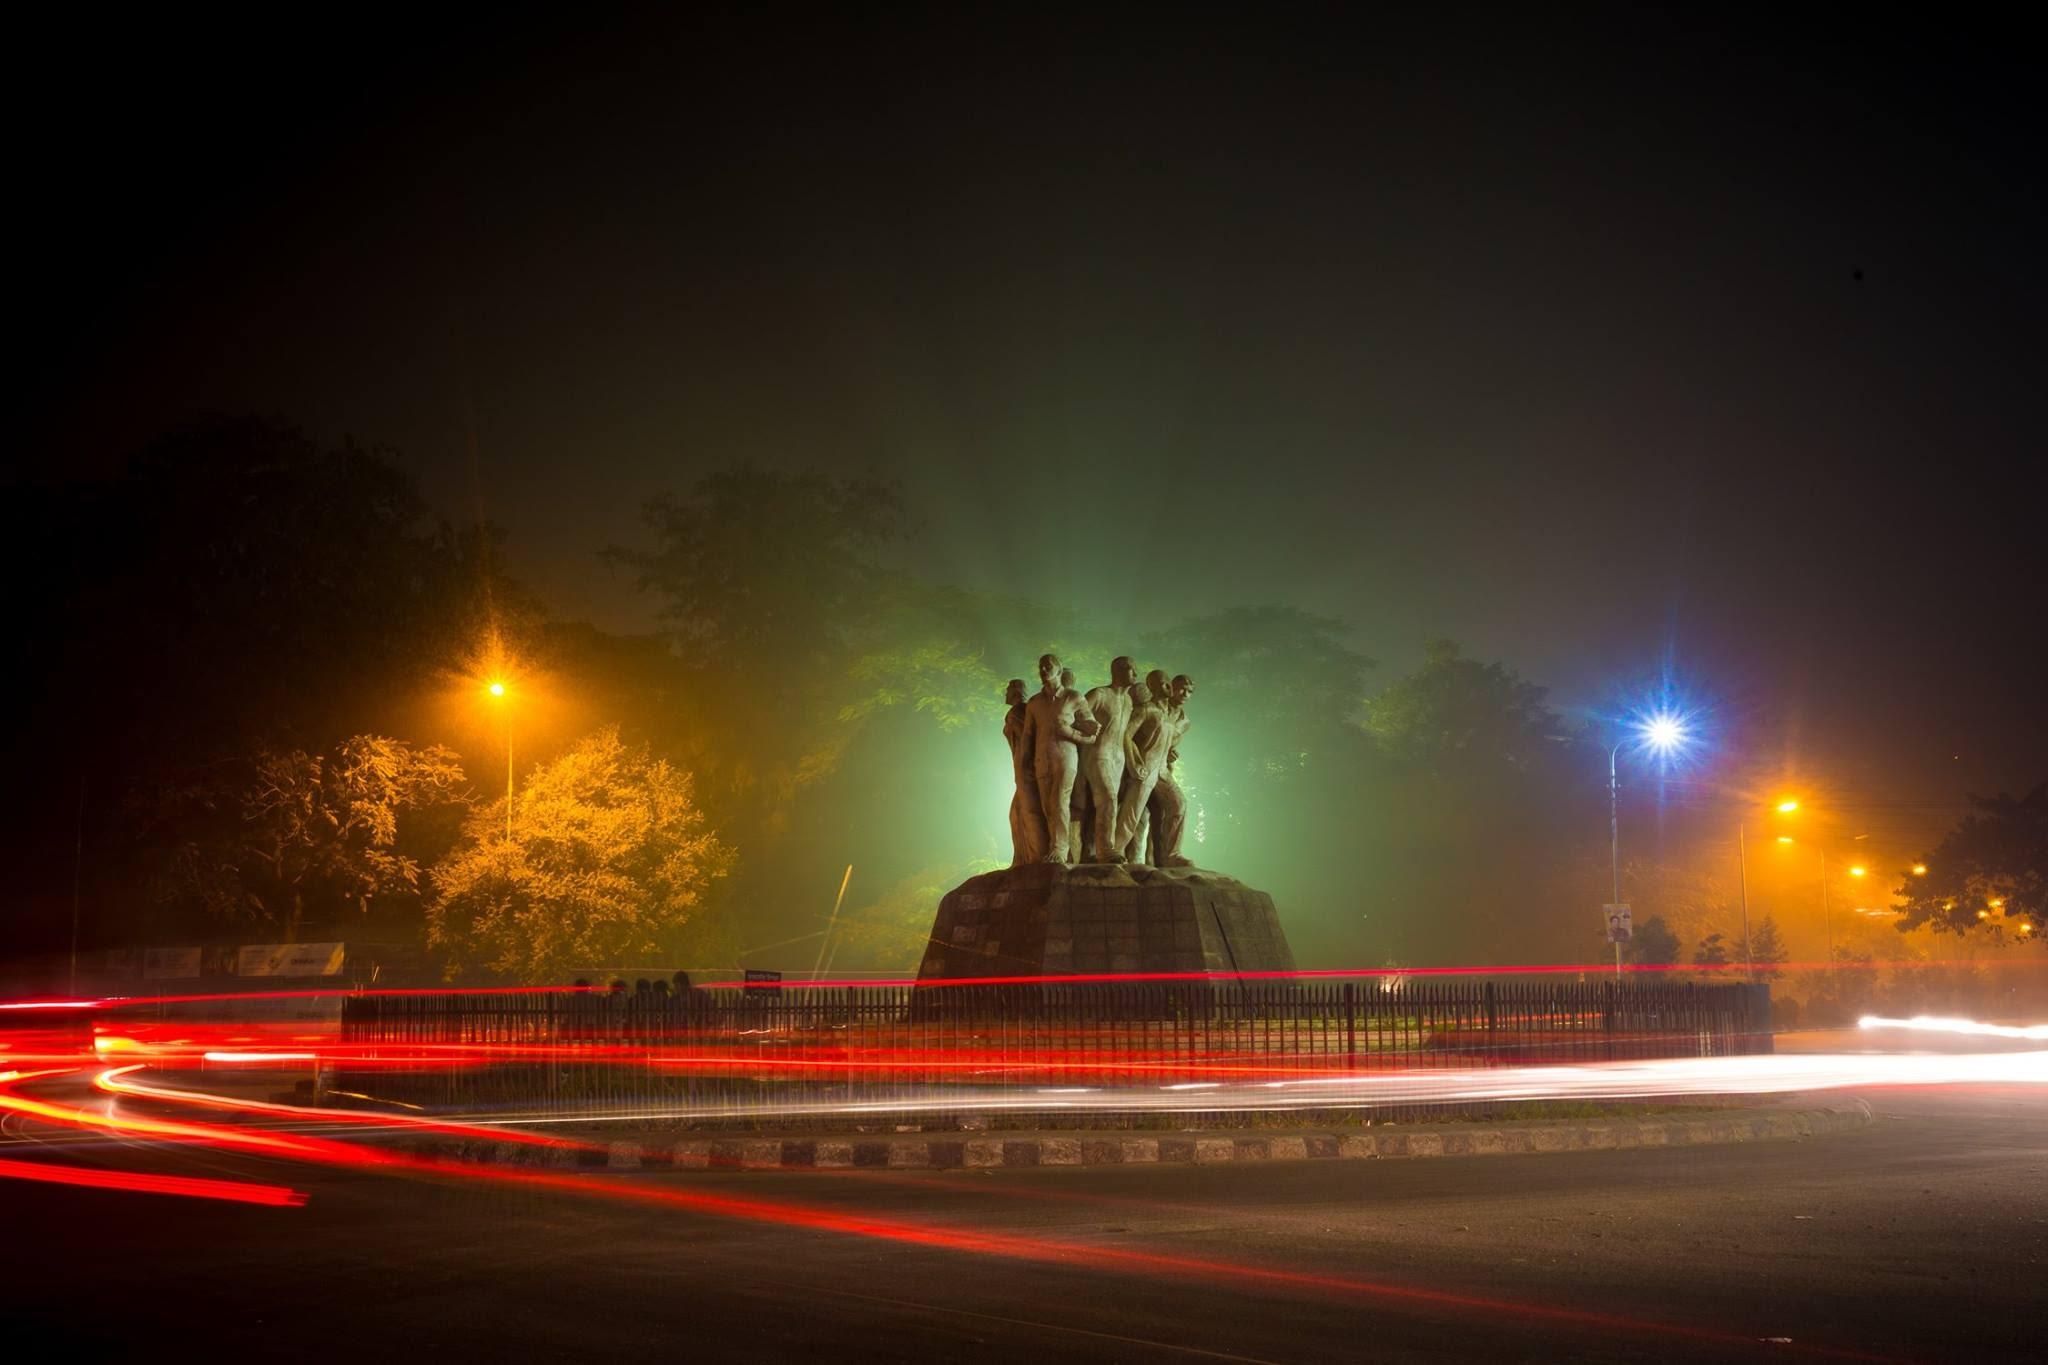 হাসি-আনন্দ-কান্নার ঢাকা বিশ্ববিদ্যালয়